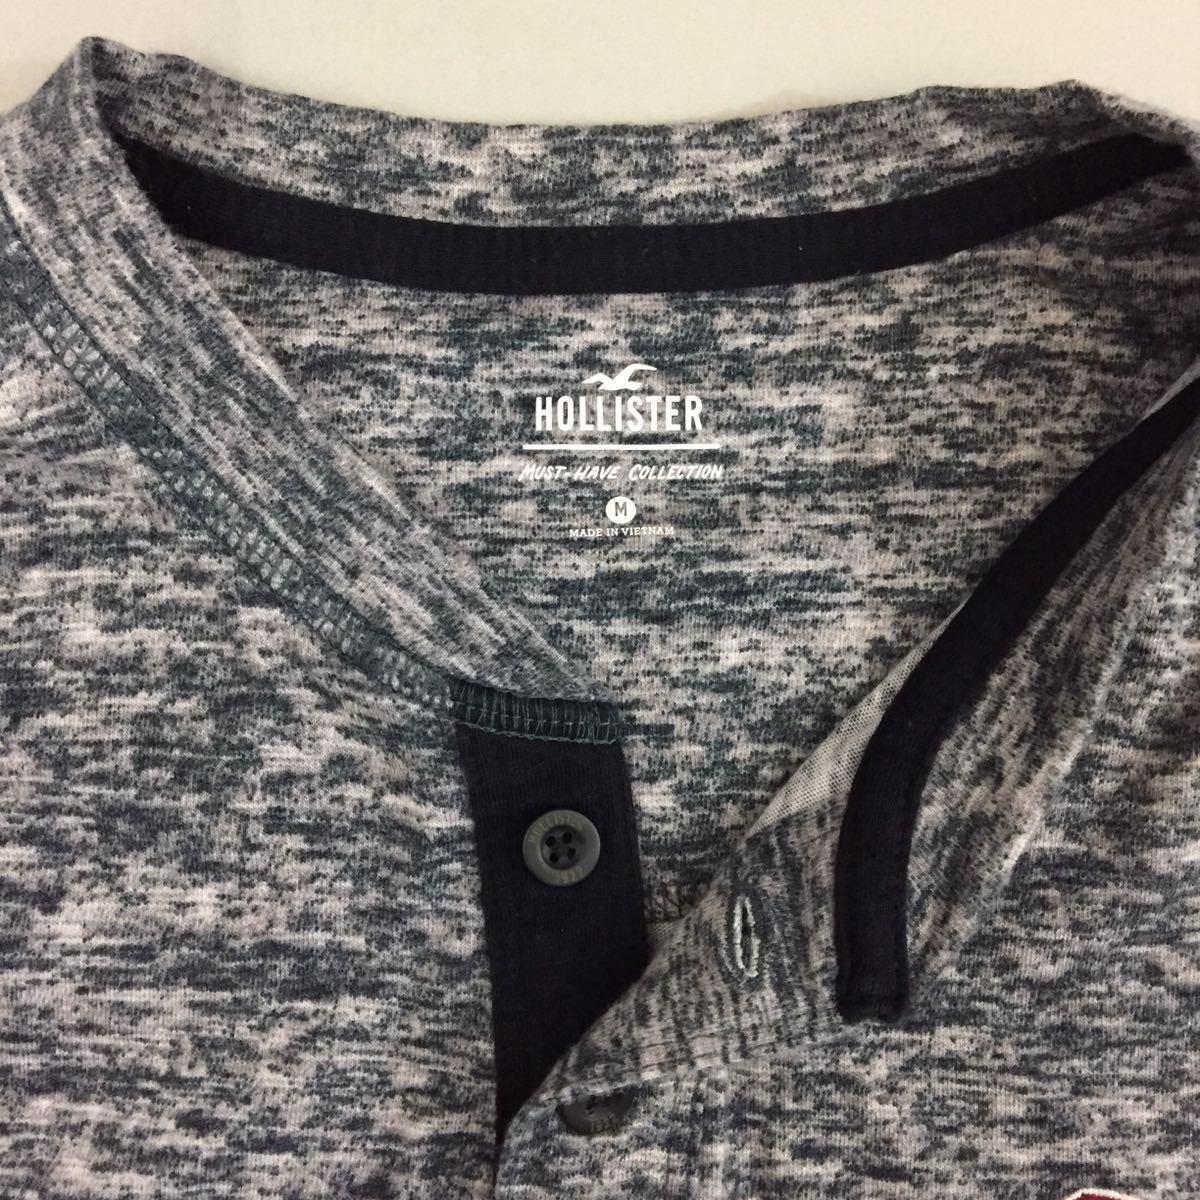 ホリスター HOLLISTER 半袖 Tシャツ しもふり ヘンリーネック カモメロゴ 刺繍 シンプル 定番アイテム グレー メンズ Mサイズ ♭▽